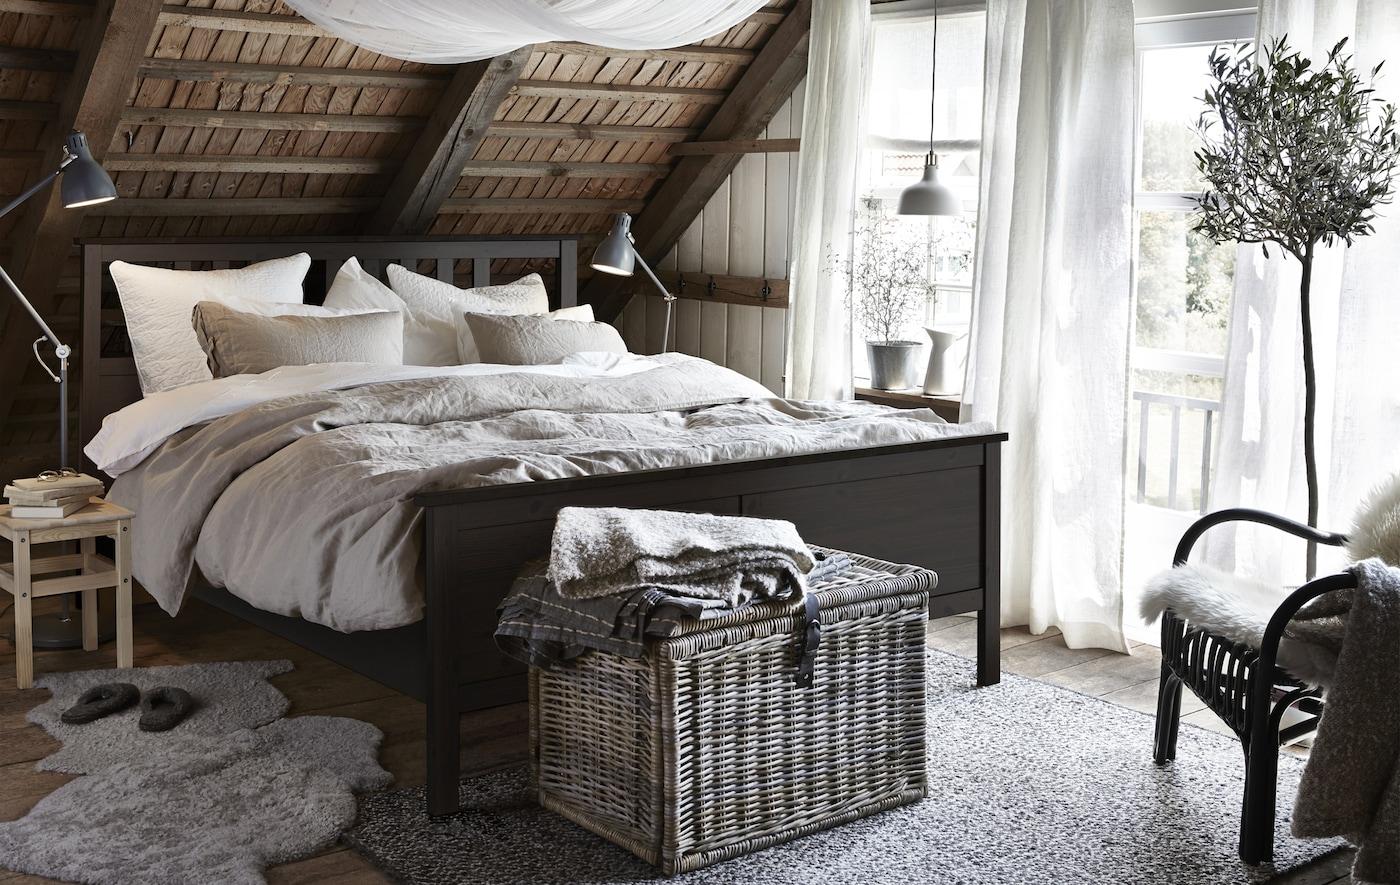 ايكيا لدينا أثاث لغرف النوم بطابع كلاسيكي مثل هيكل سرير HEMNES المصنوع من خشب الصنوبر المصمت المطلي باللون الأسود-البني والمستخرج من مصادر مستدامة. هيكل السرير متين بتفاصيل تقليدية وحرفية أصيلة.